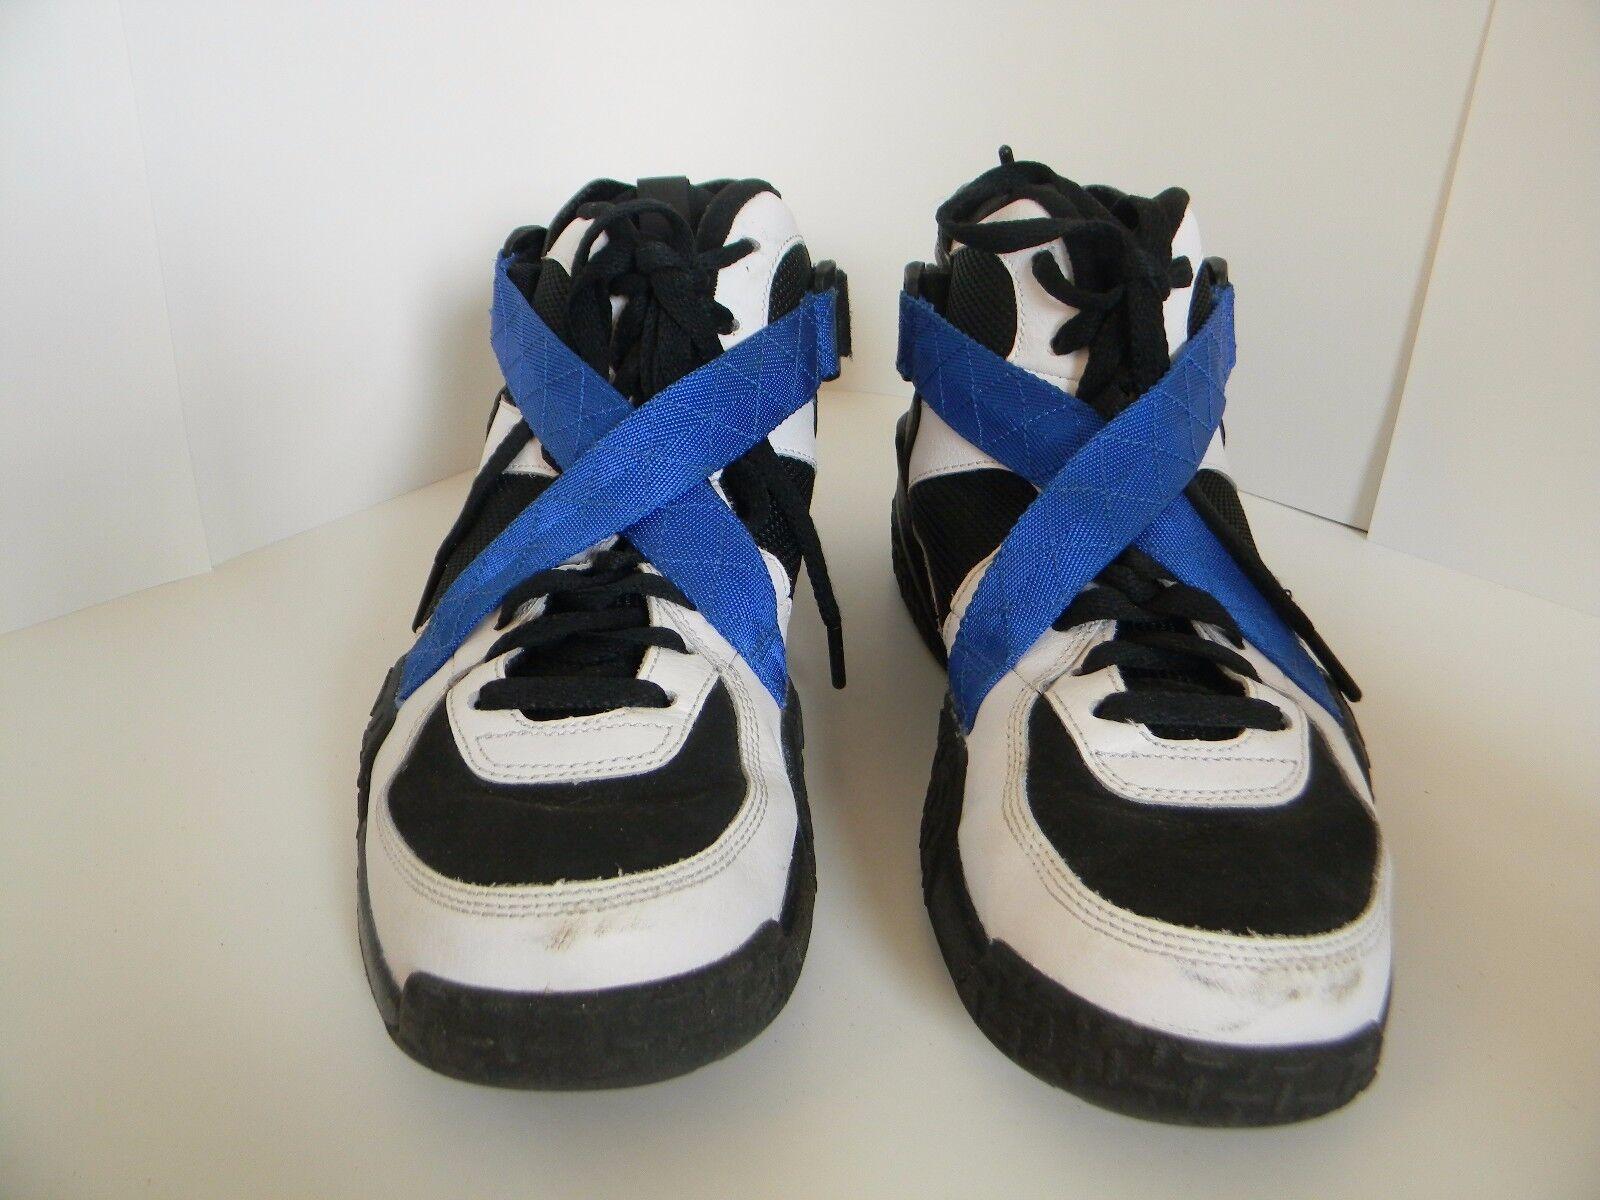 Mens Nike Shoes Air Raid Black /White Game Royal Shoes Nike 642330-014 Size 10.5 5c1deb